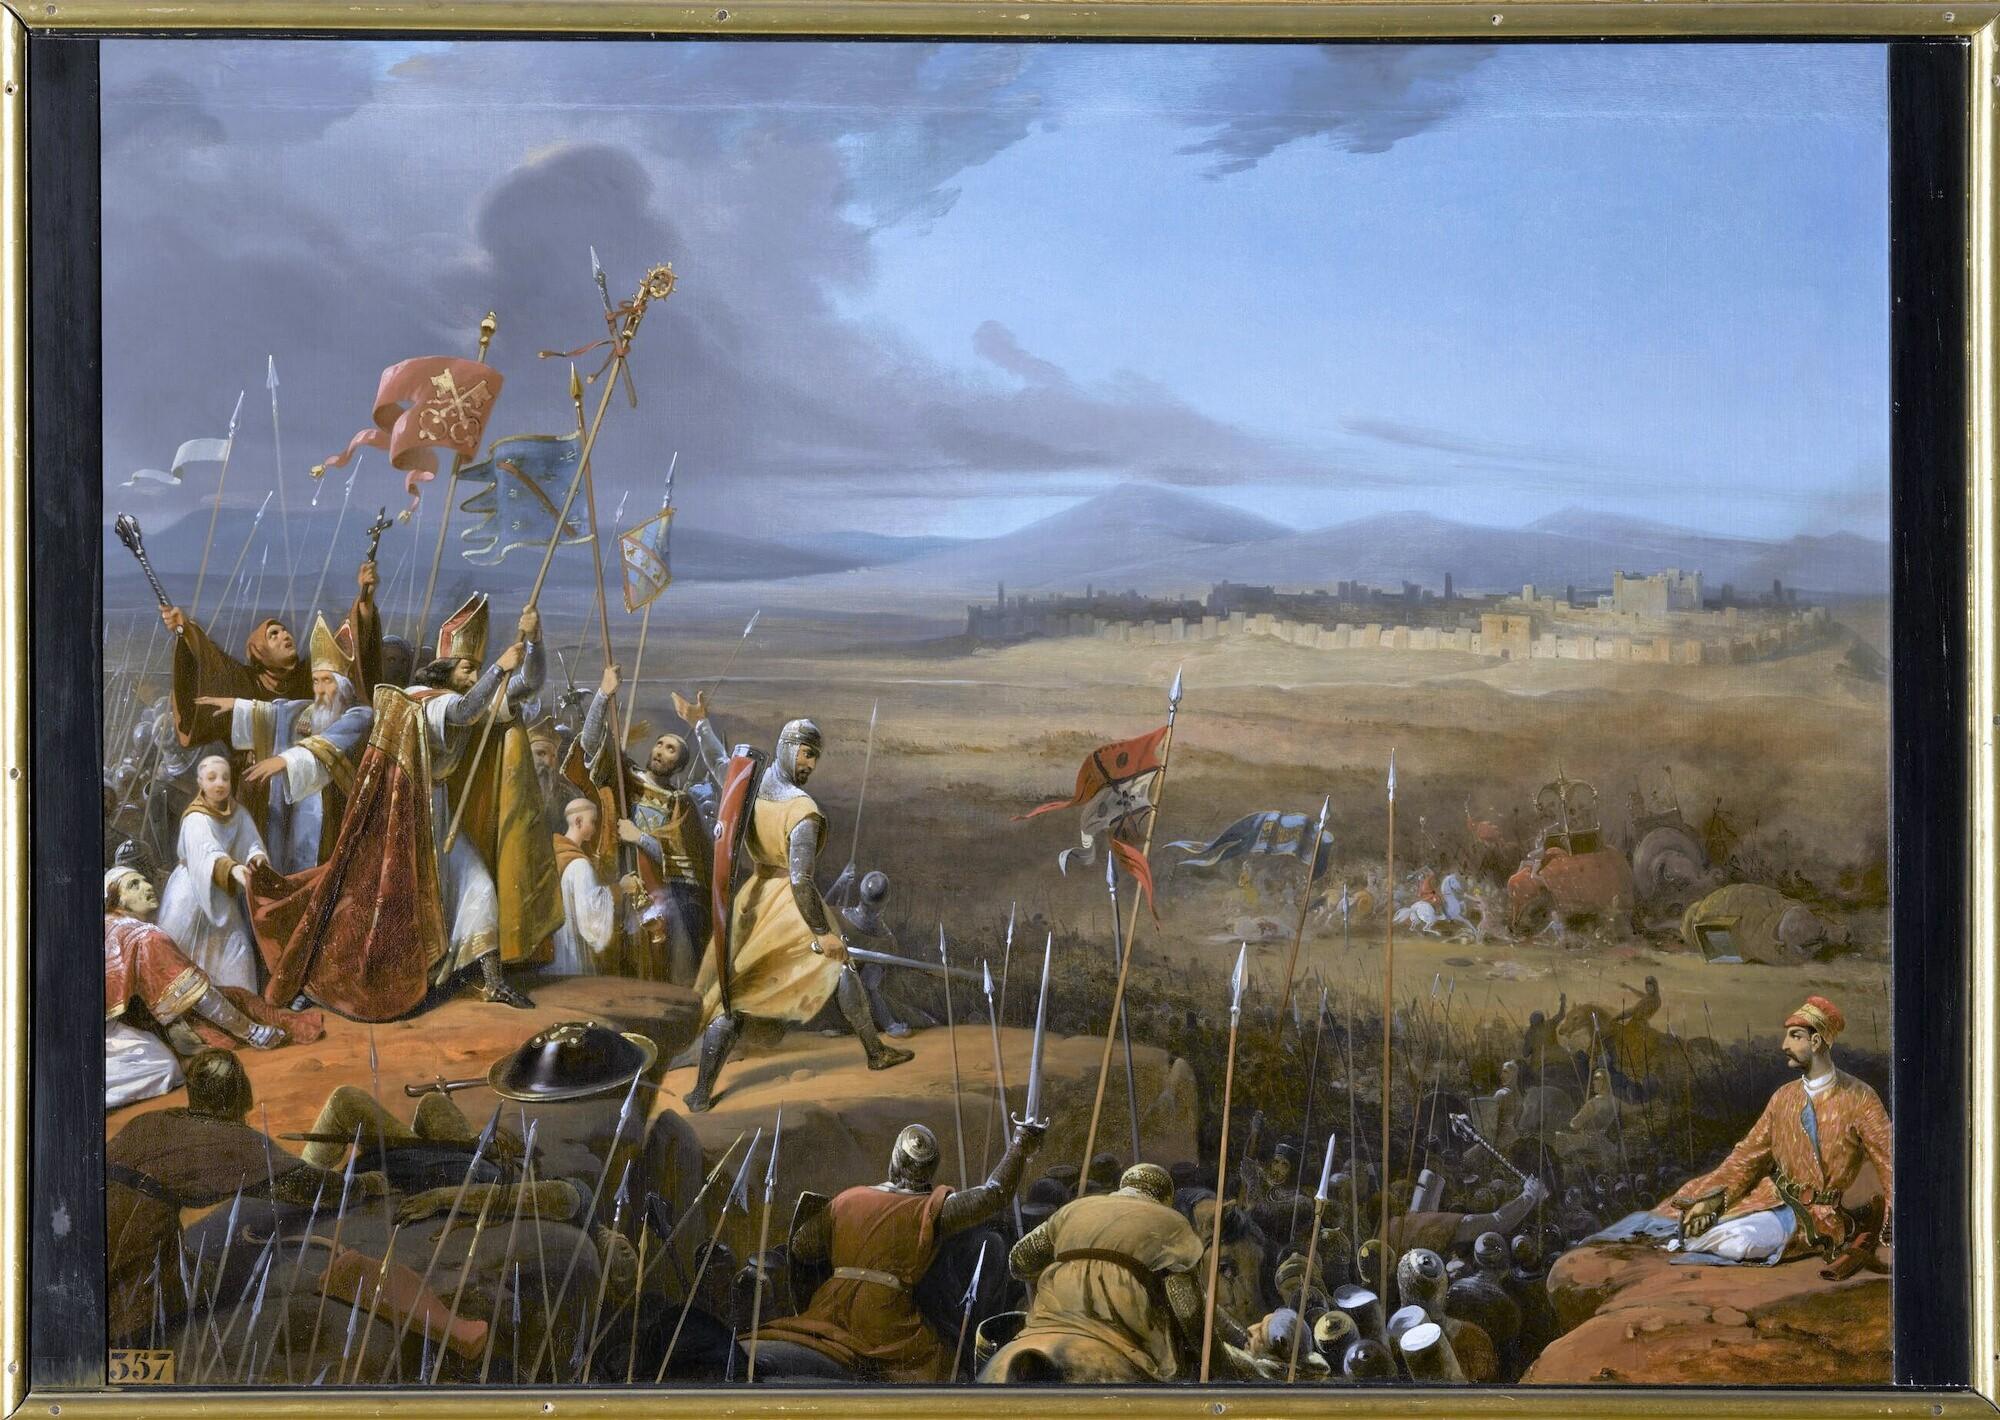 Bataille sous les murs d'Antioche, 1098. Peintre : Frédéric-Henri Schopin.